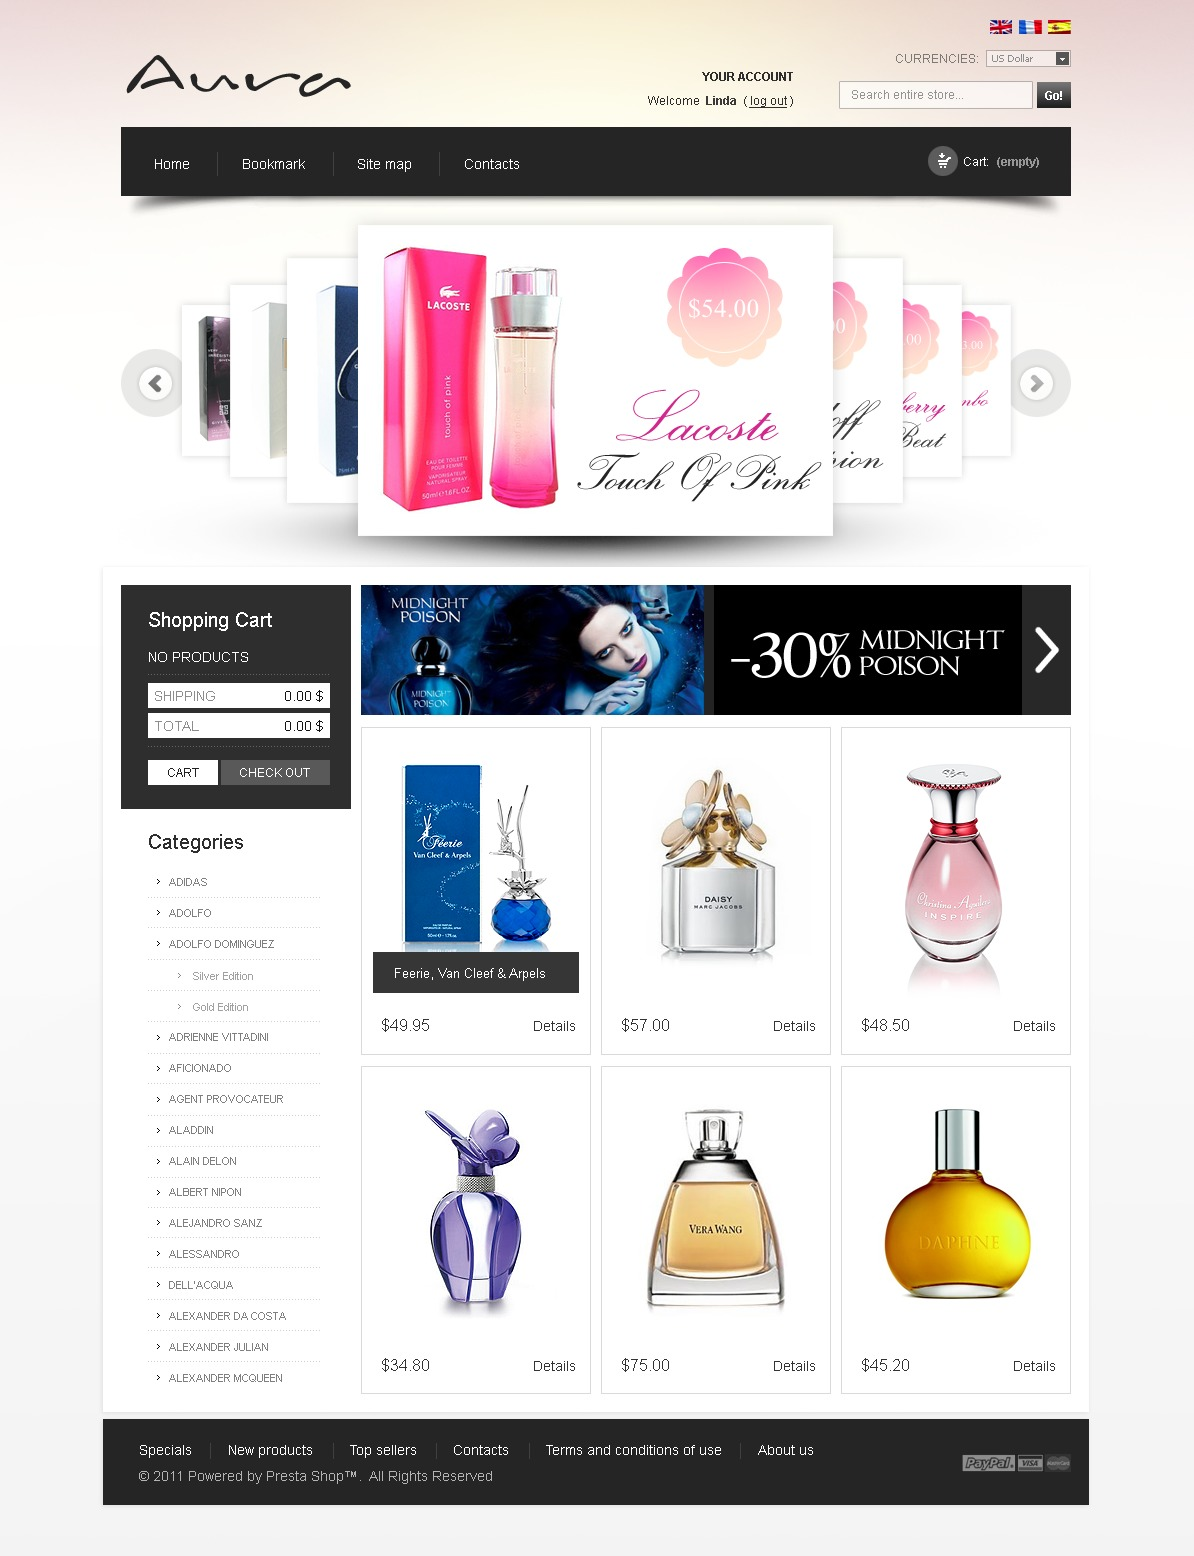 Best Perfume For Men 2017